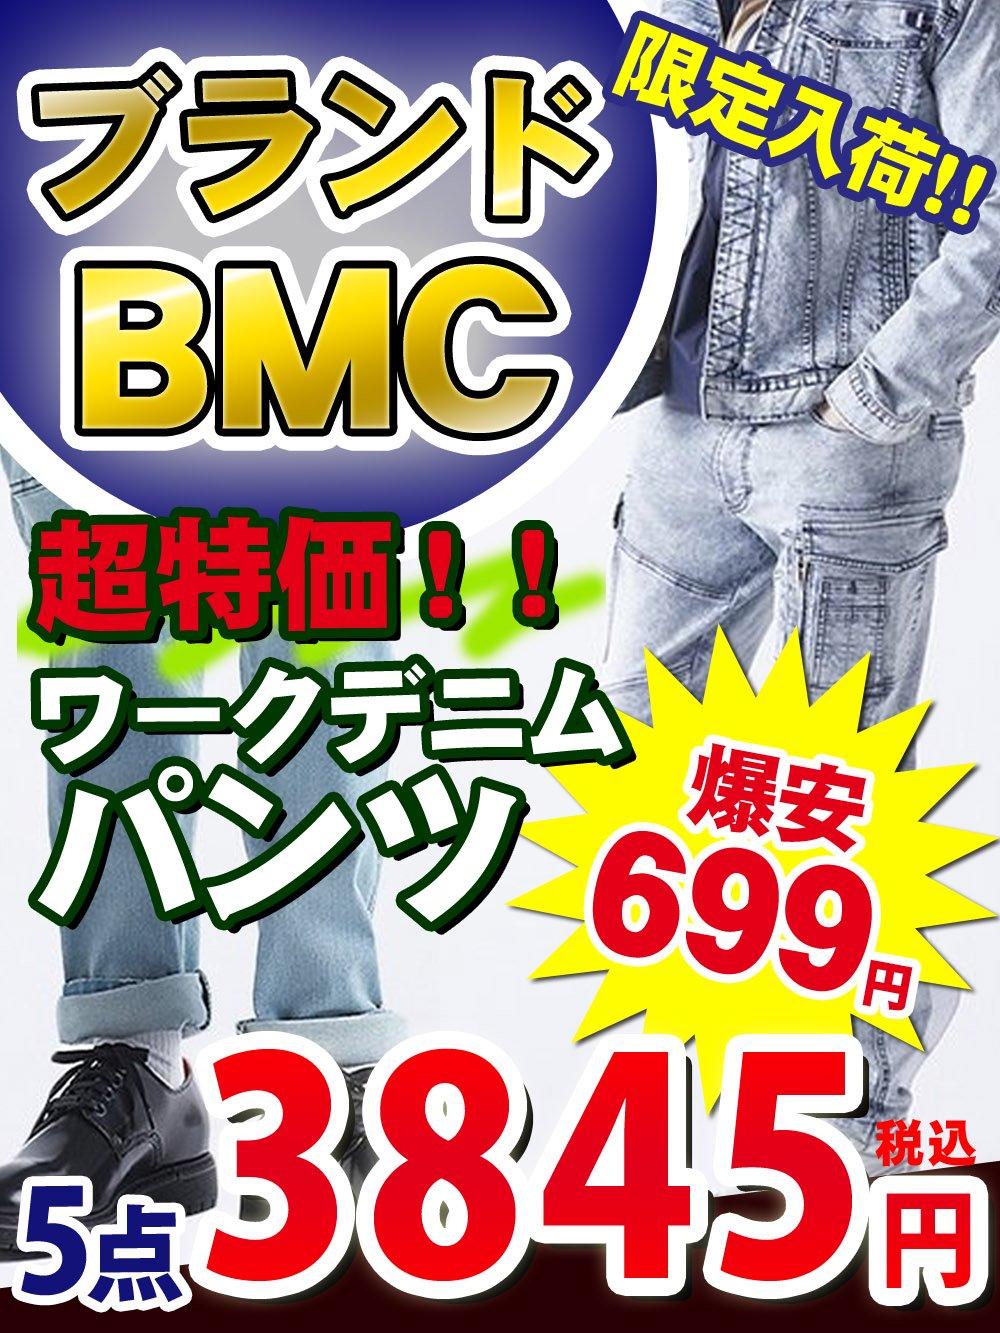 【超特価!】ブランドBMCワークデニムパンツ!【5点】@699